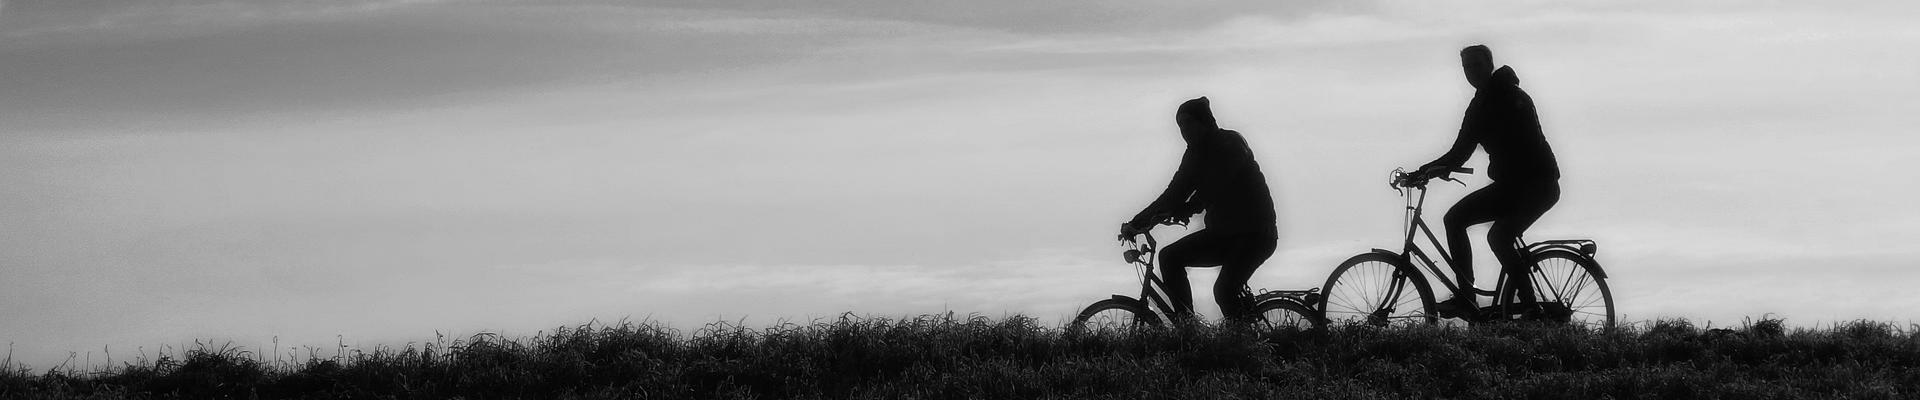 self-guided guided tours europe biking cycling hiking